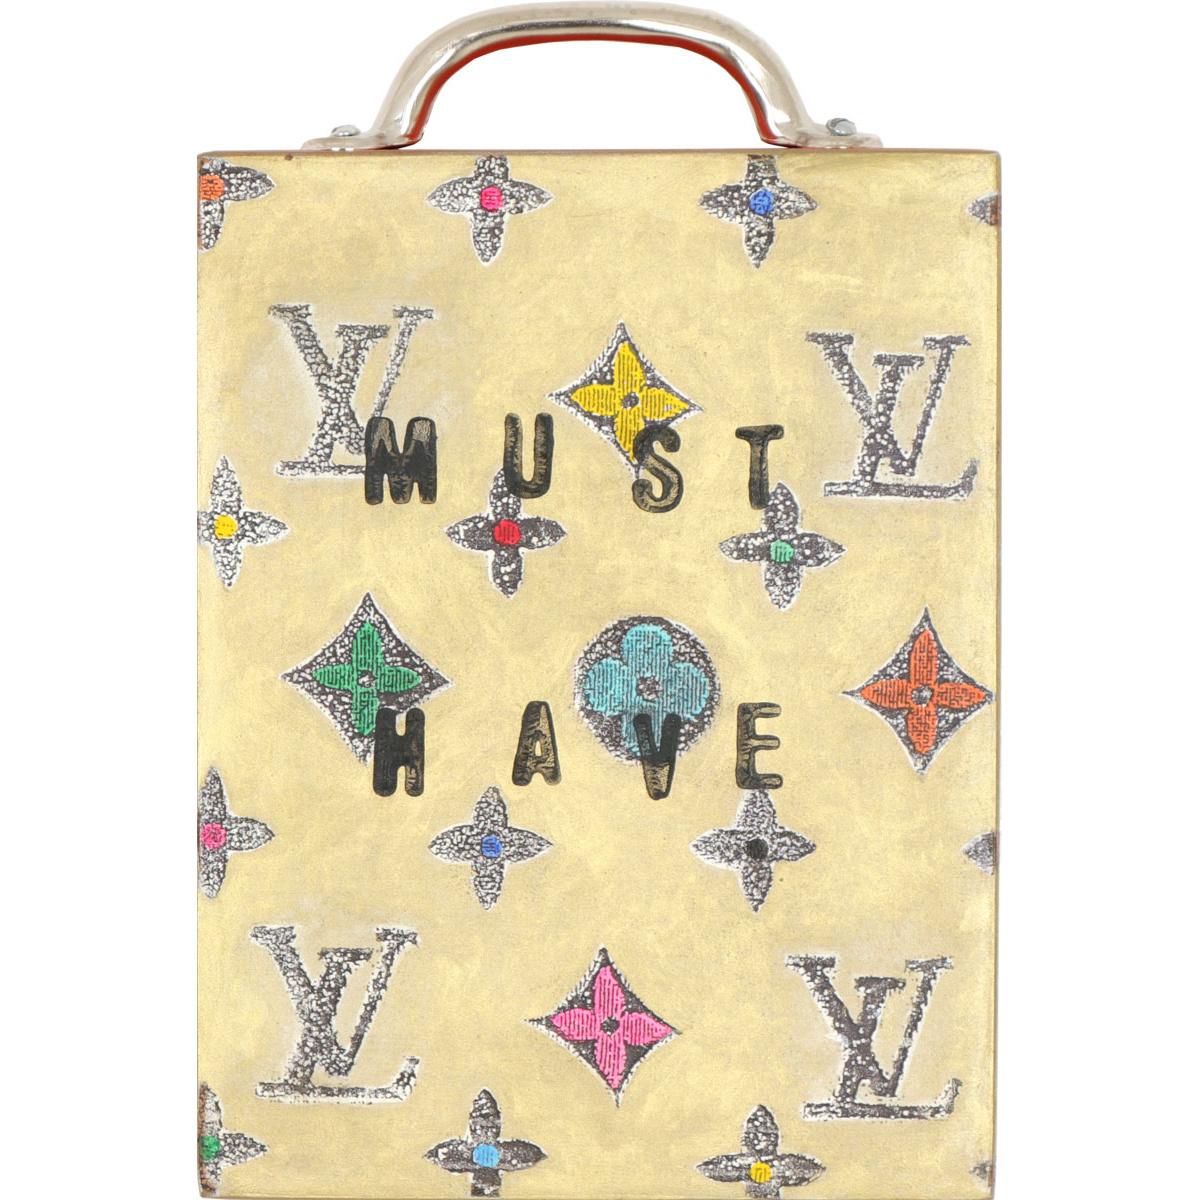 LV Bag von Kati Elm